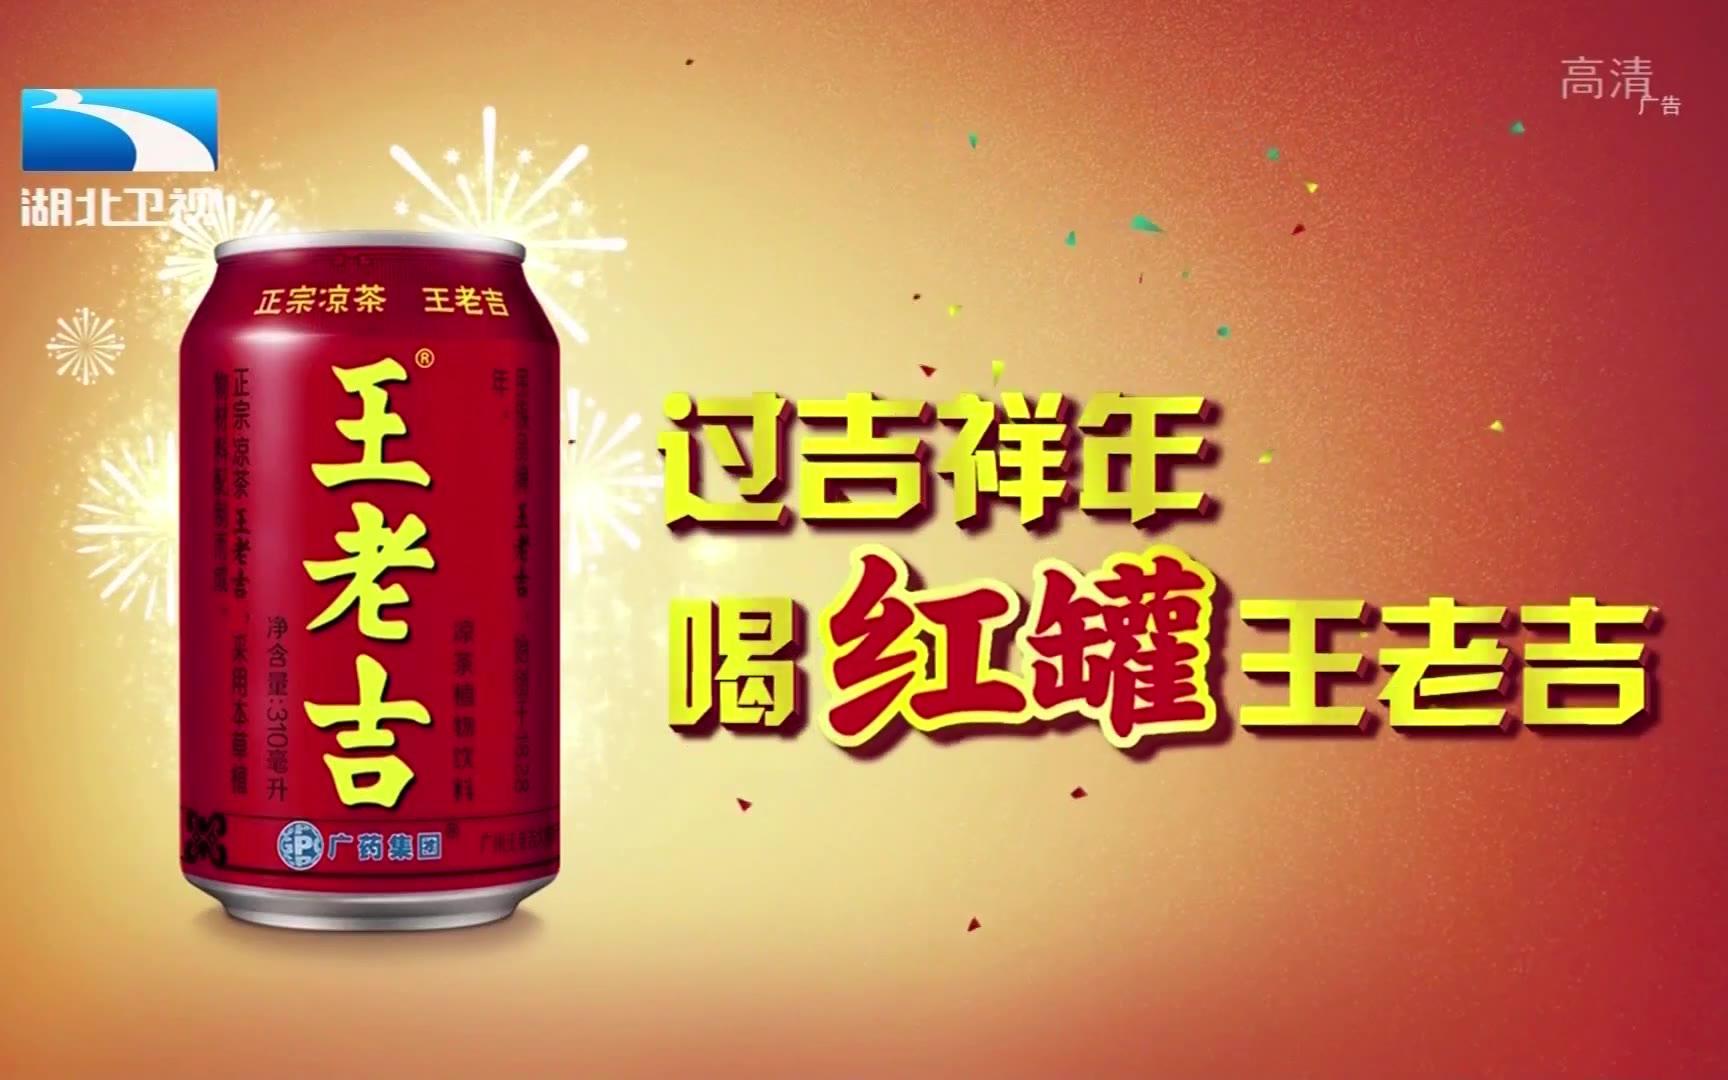 央视广告欣赏-红罐王老吉